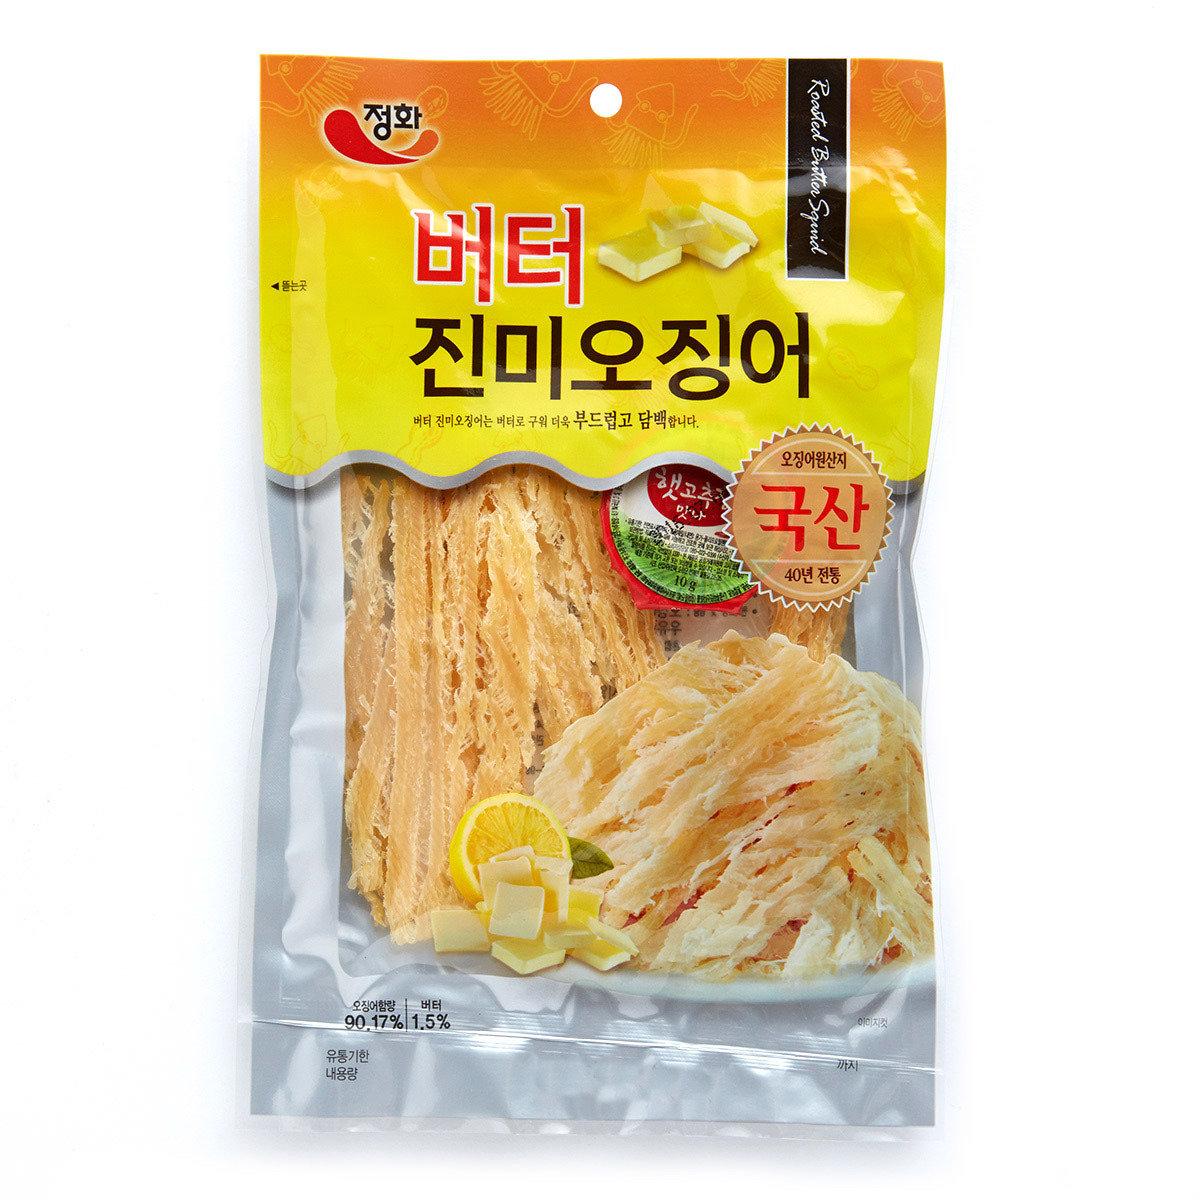 韓國烤魷魚絲 - 牛油味 (附辣椒醬)